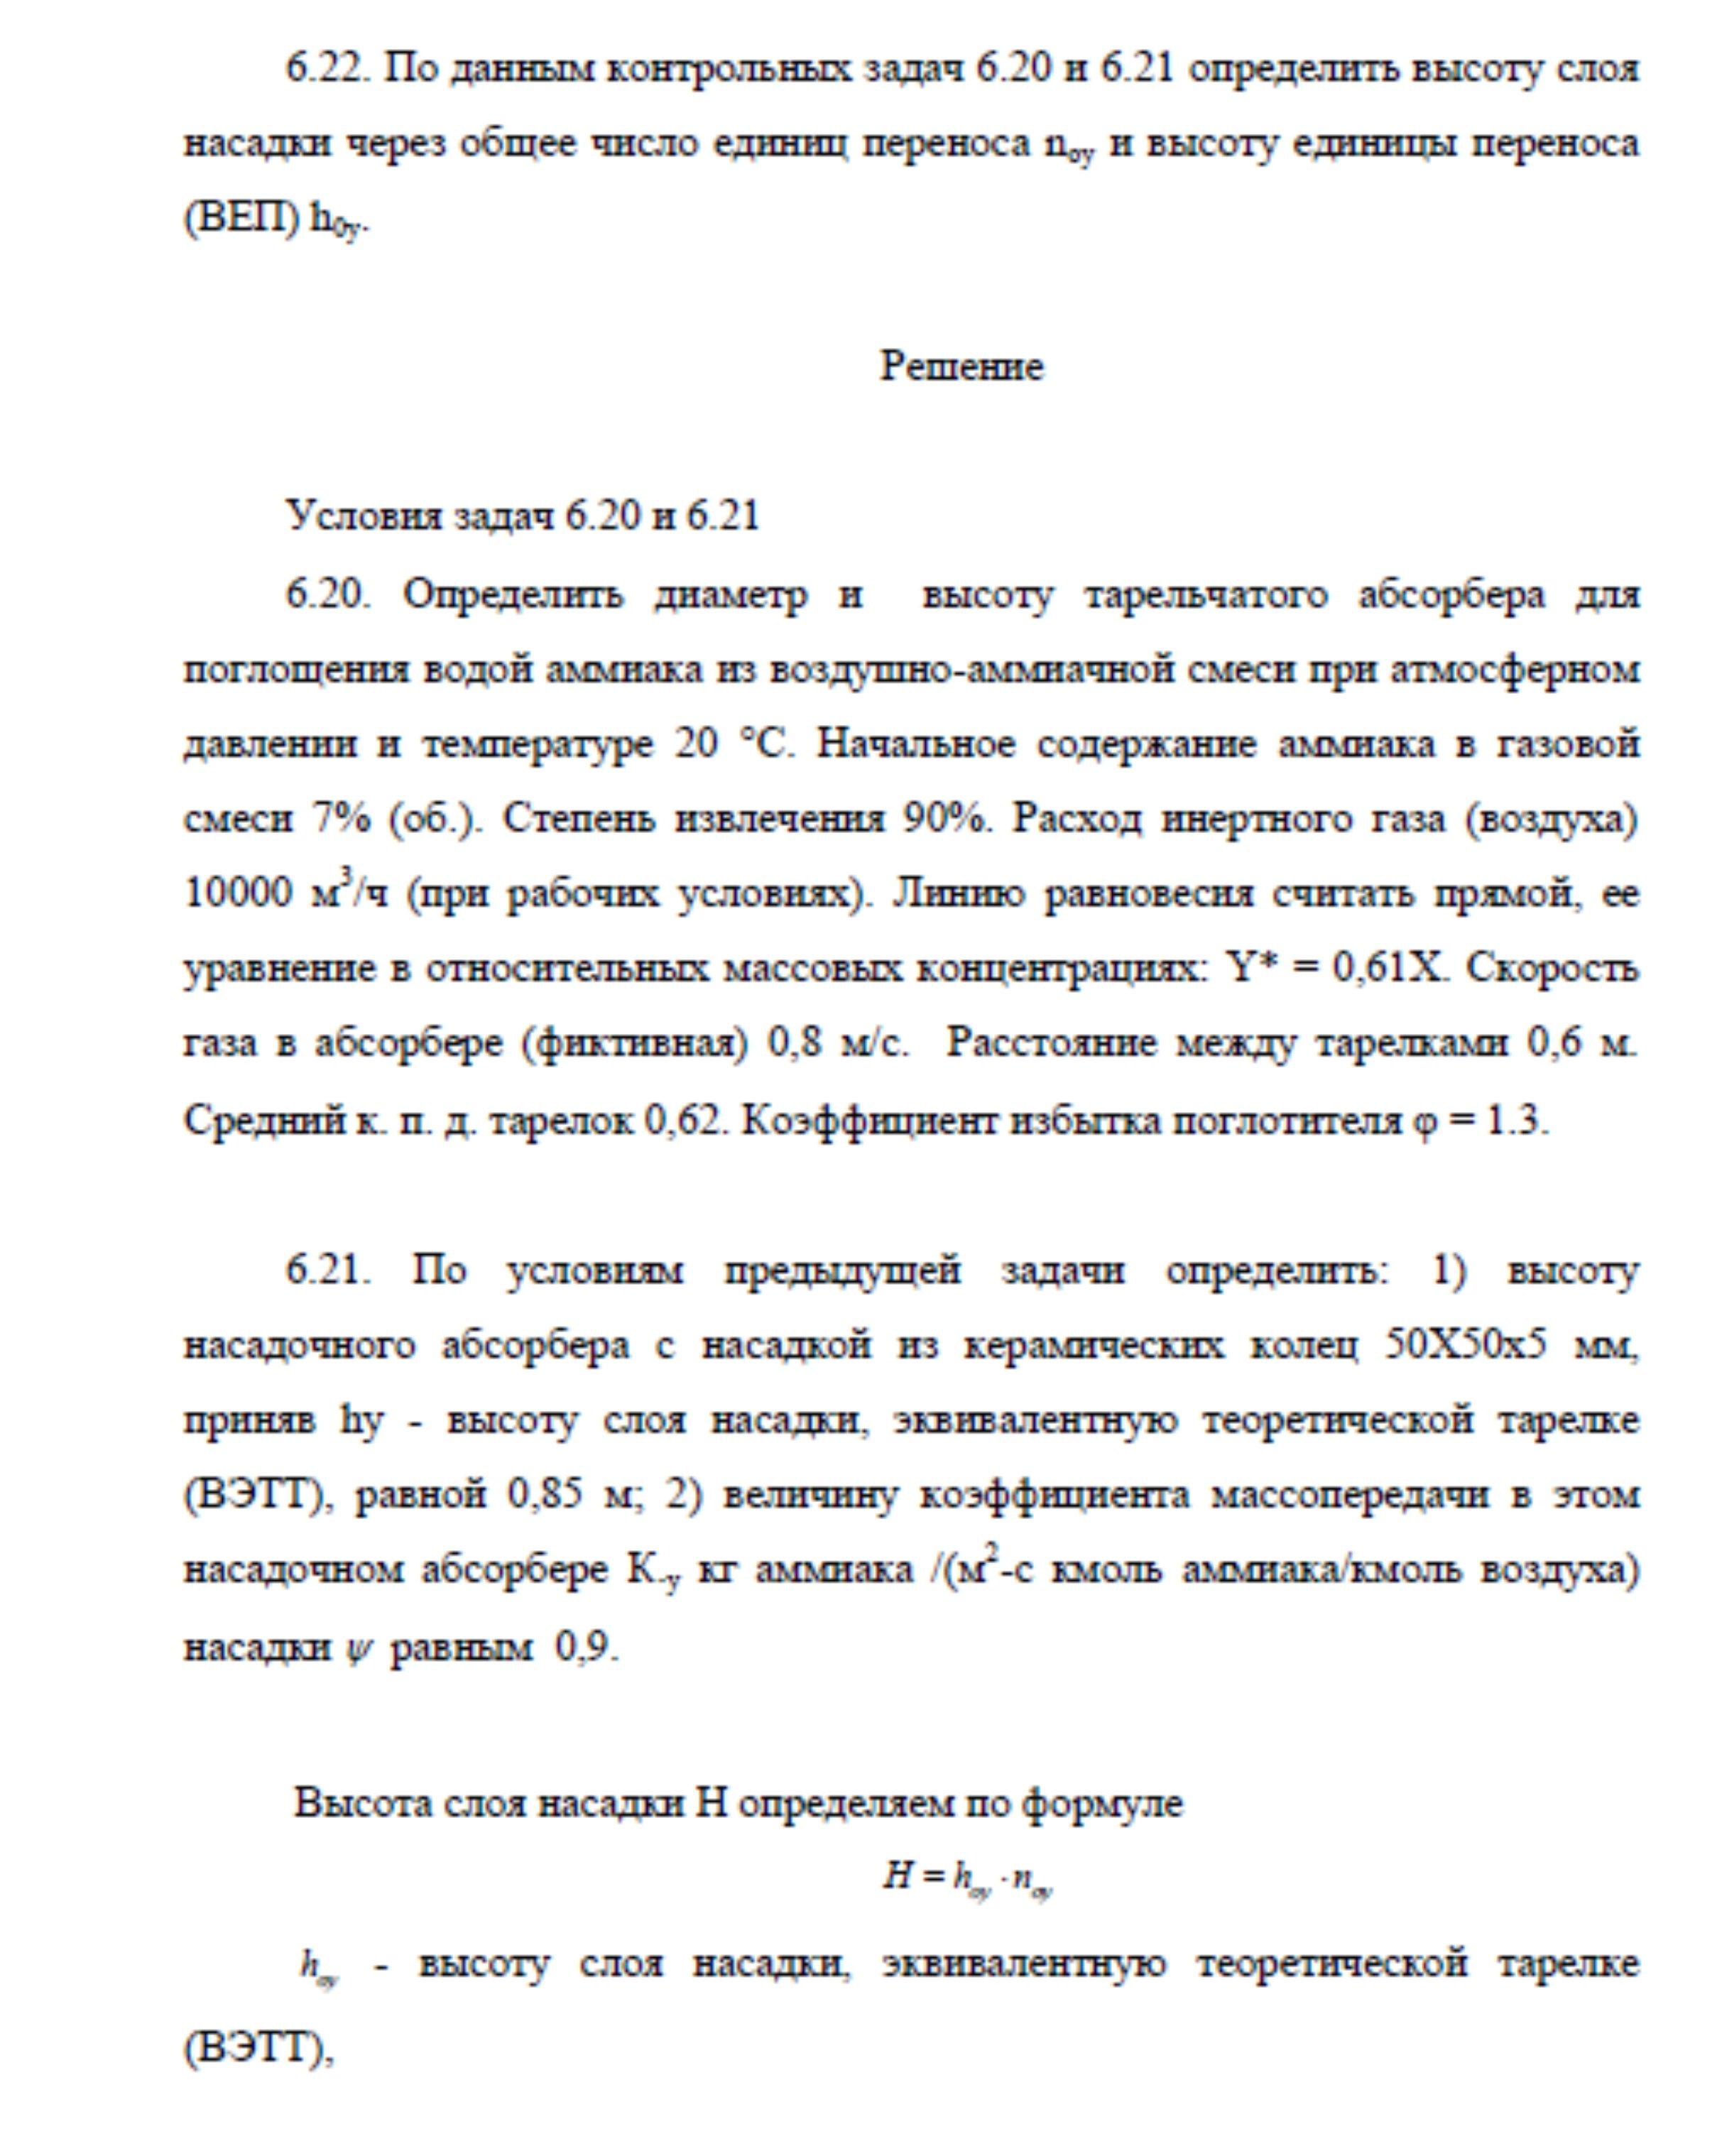 Решение задачи 6.22 по ПАХТ из задачника Павлова Романкова Носкова